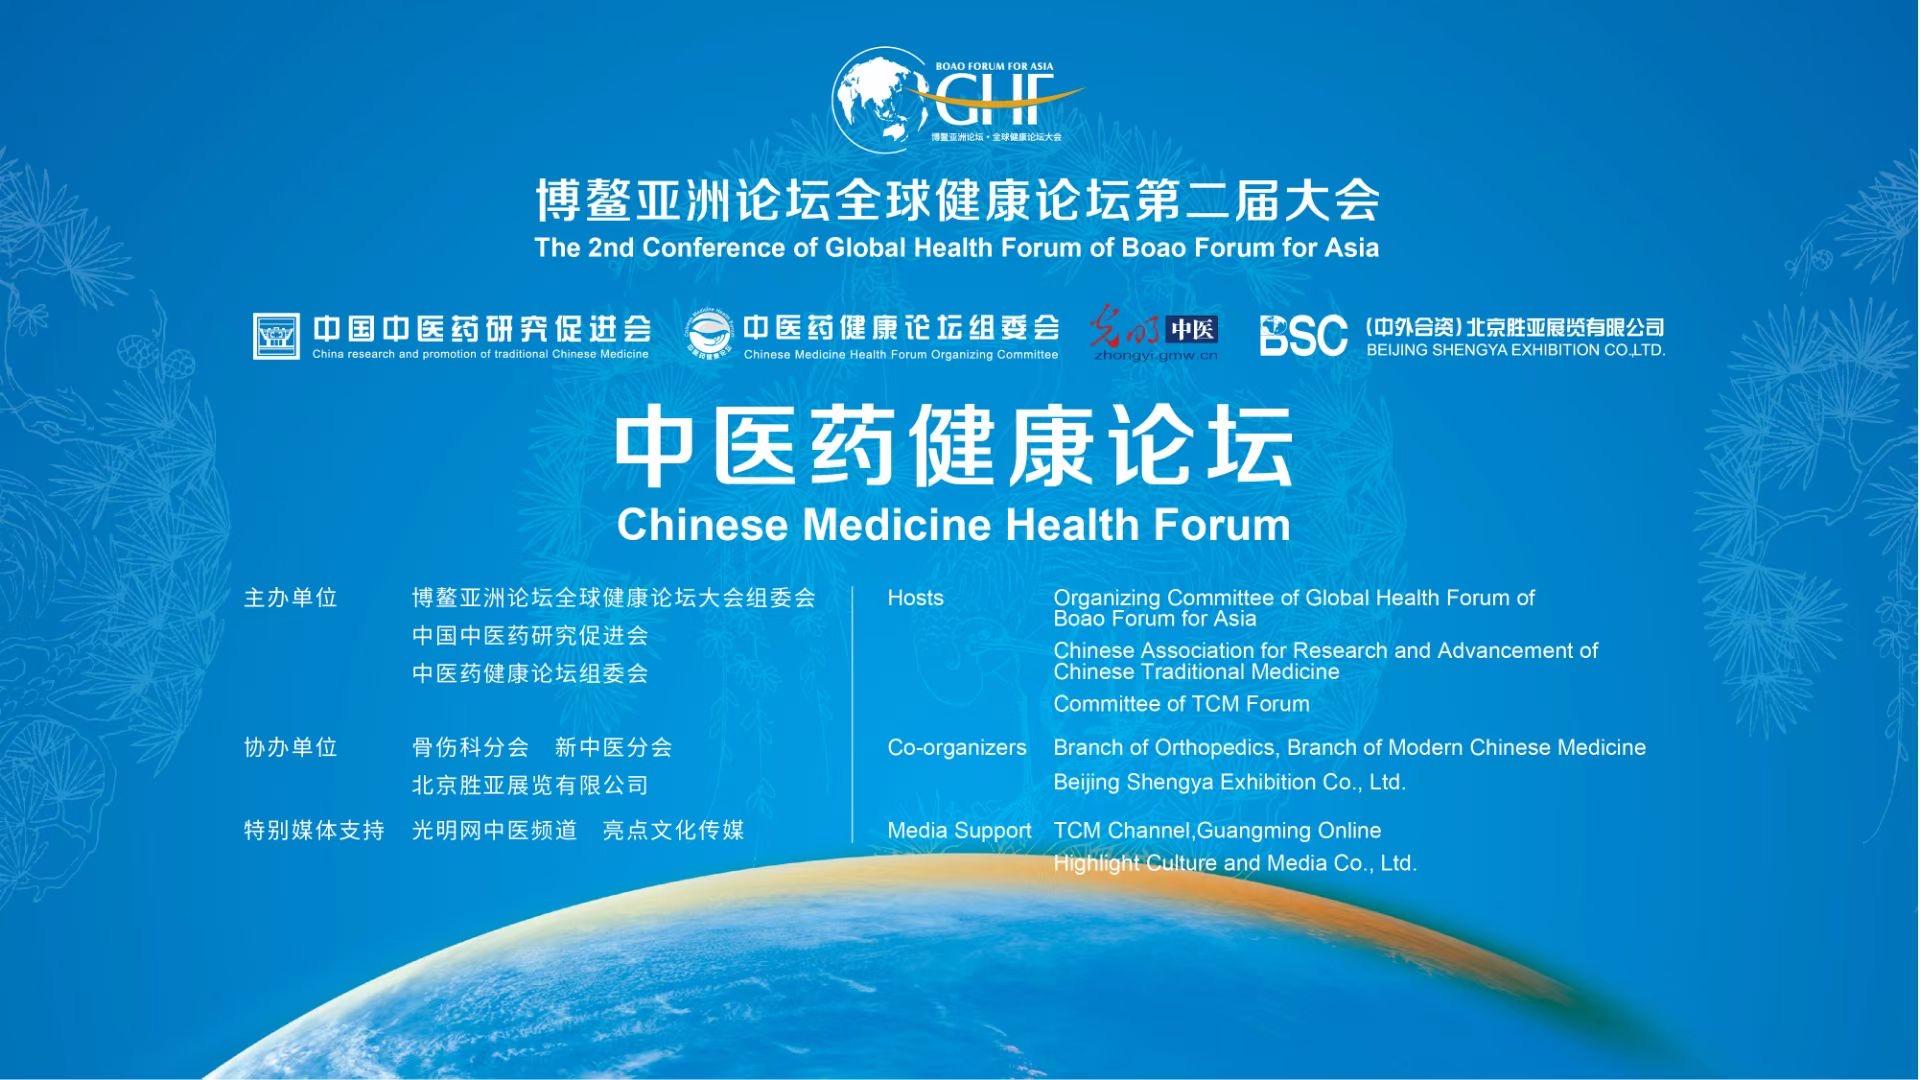 尚庆稳院长应邀出席博鳌亚洲论坛第二届全球健康博览会